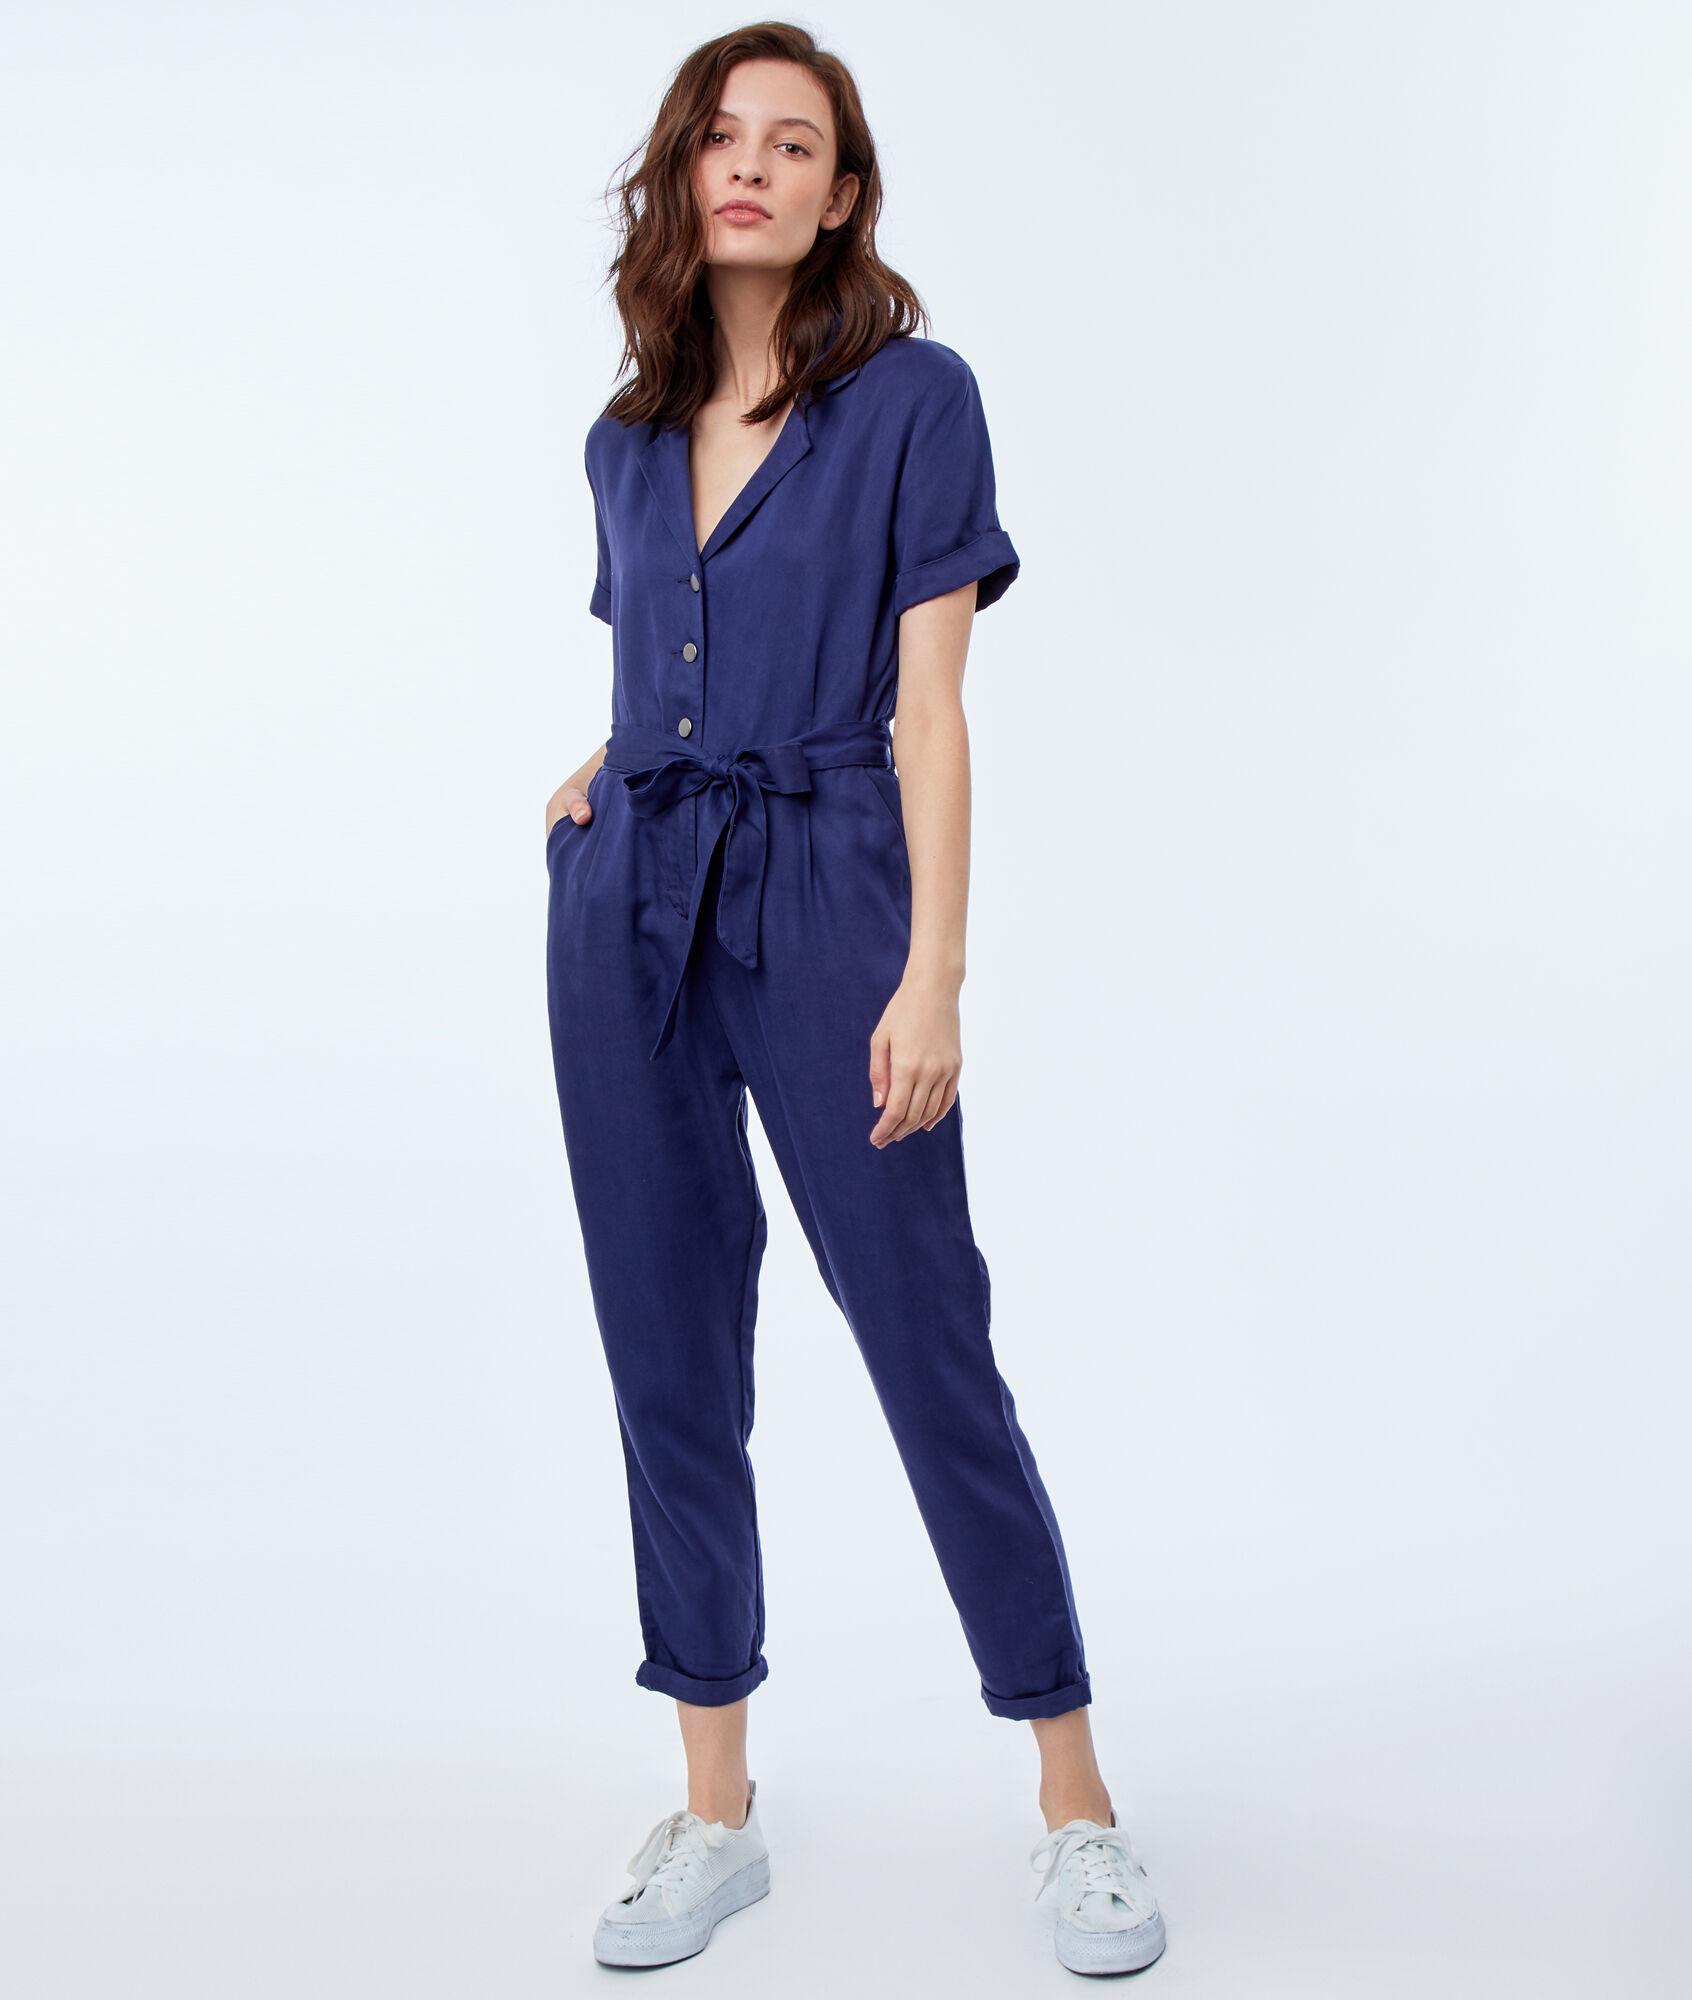 45c5d99686d5 Belted jumpsuit - RIVAGE - INDIGO BLUE - Etam